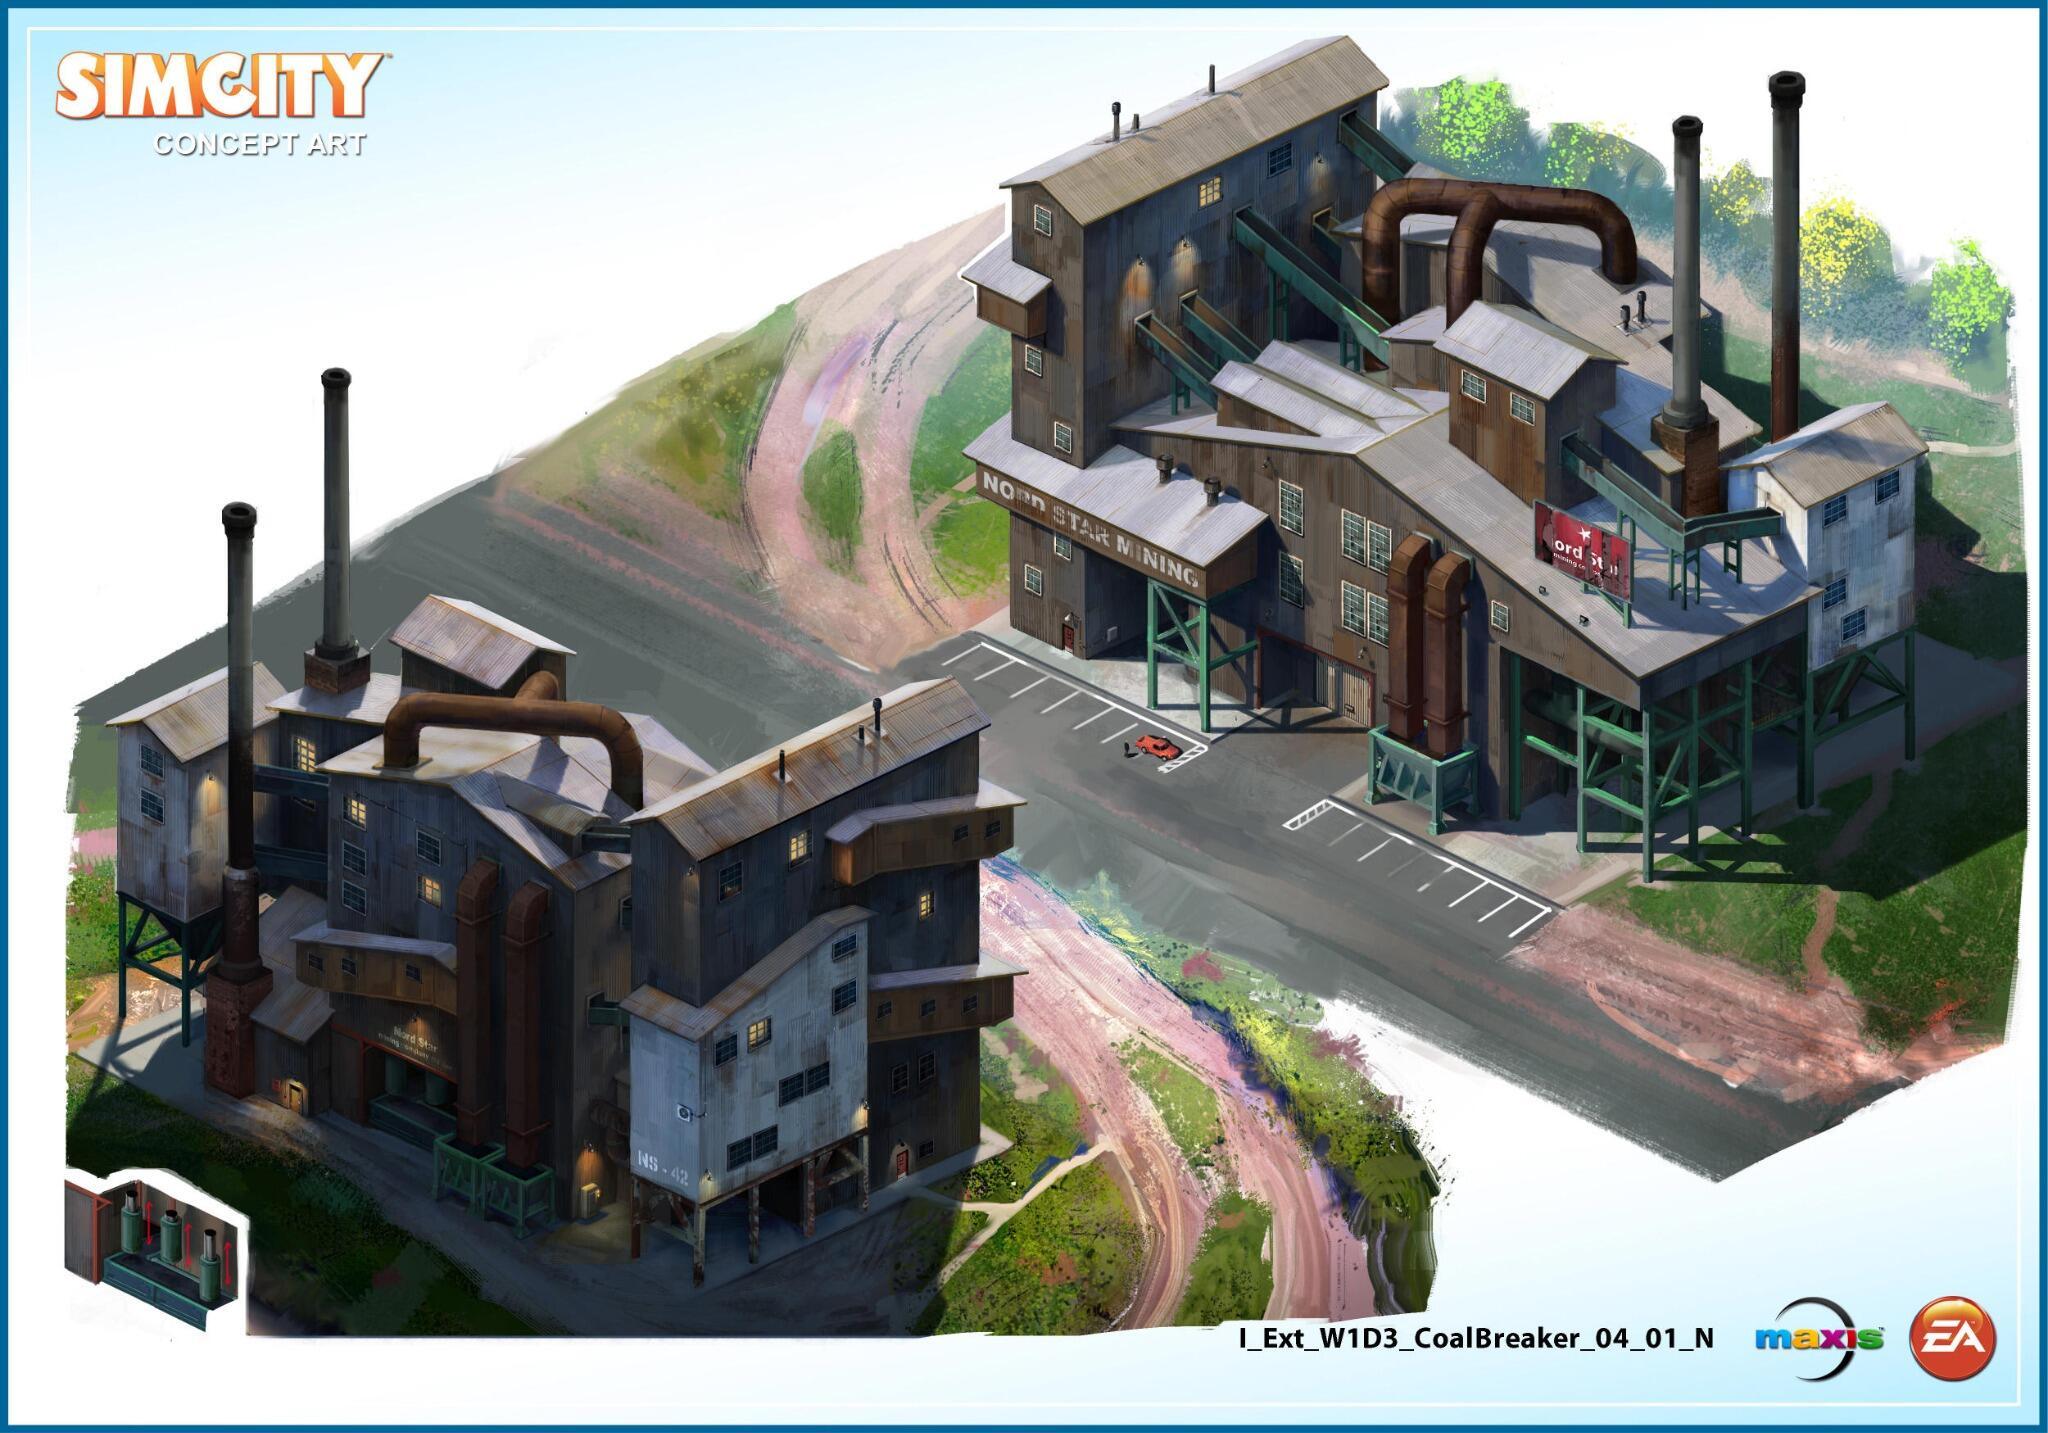 [Imagen]Arte conceptual Simcity (II) Ba6WpyaCcAAZheg